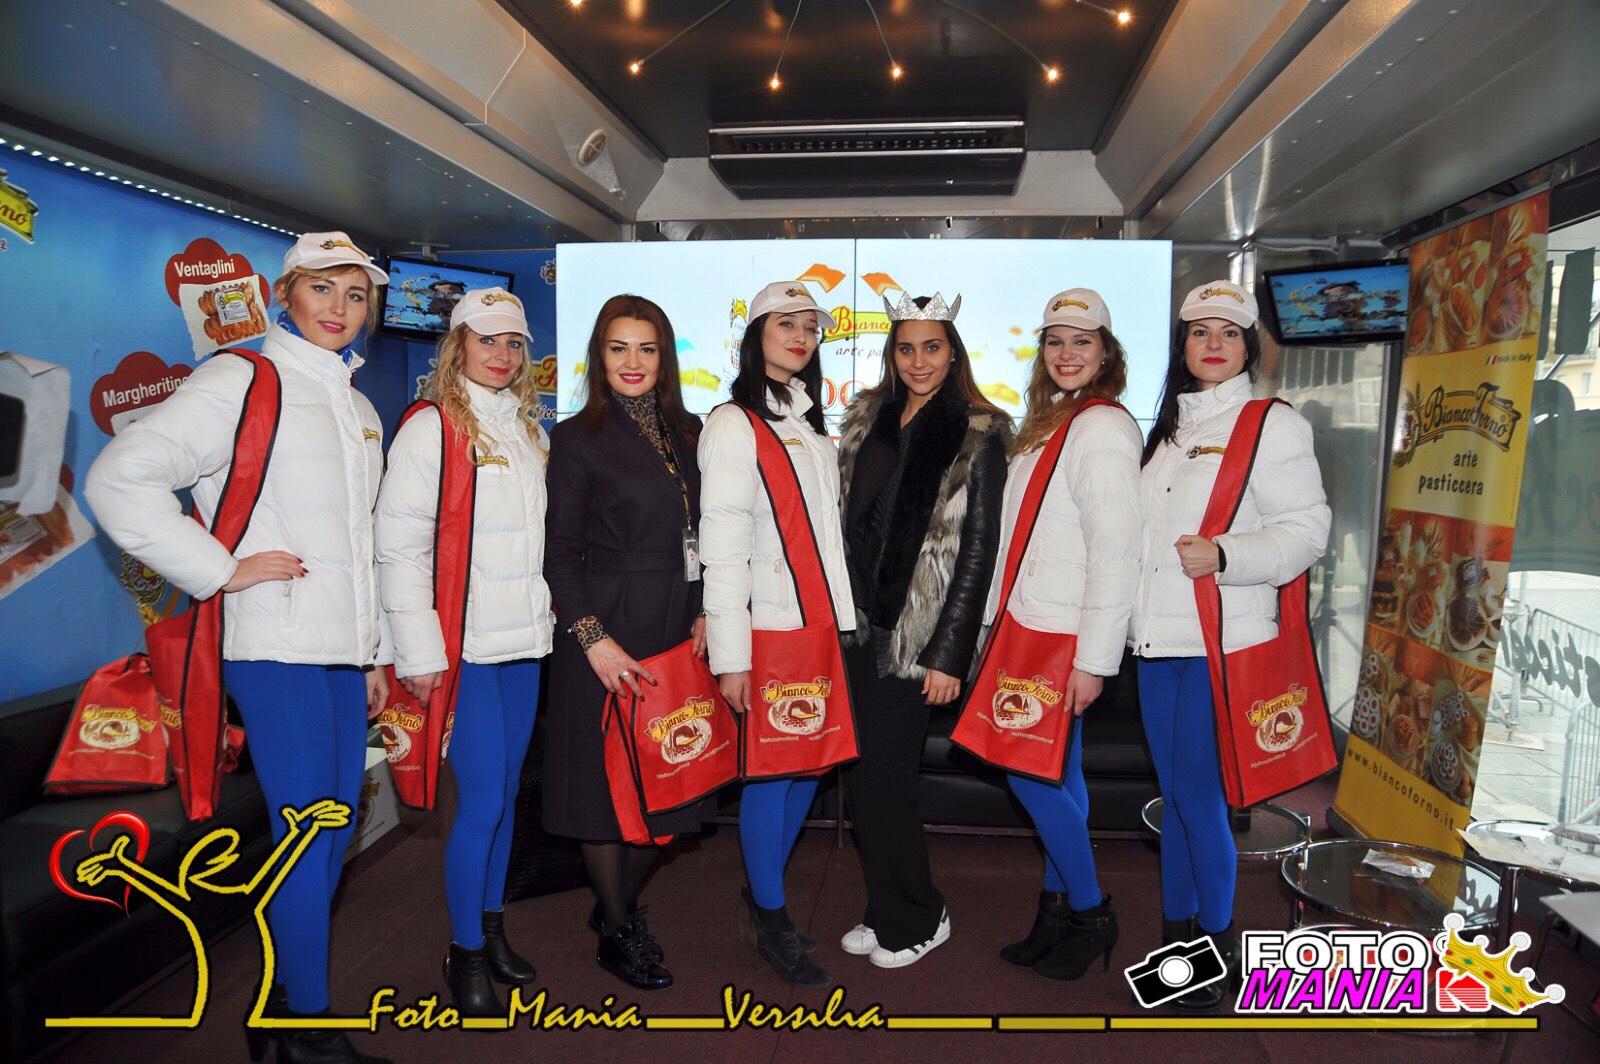 Carnevale di Viareggio 2017. Miss Italia ospite al truck Biancoforno